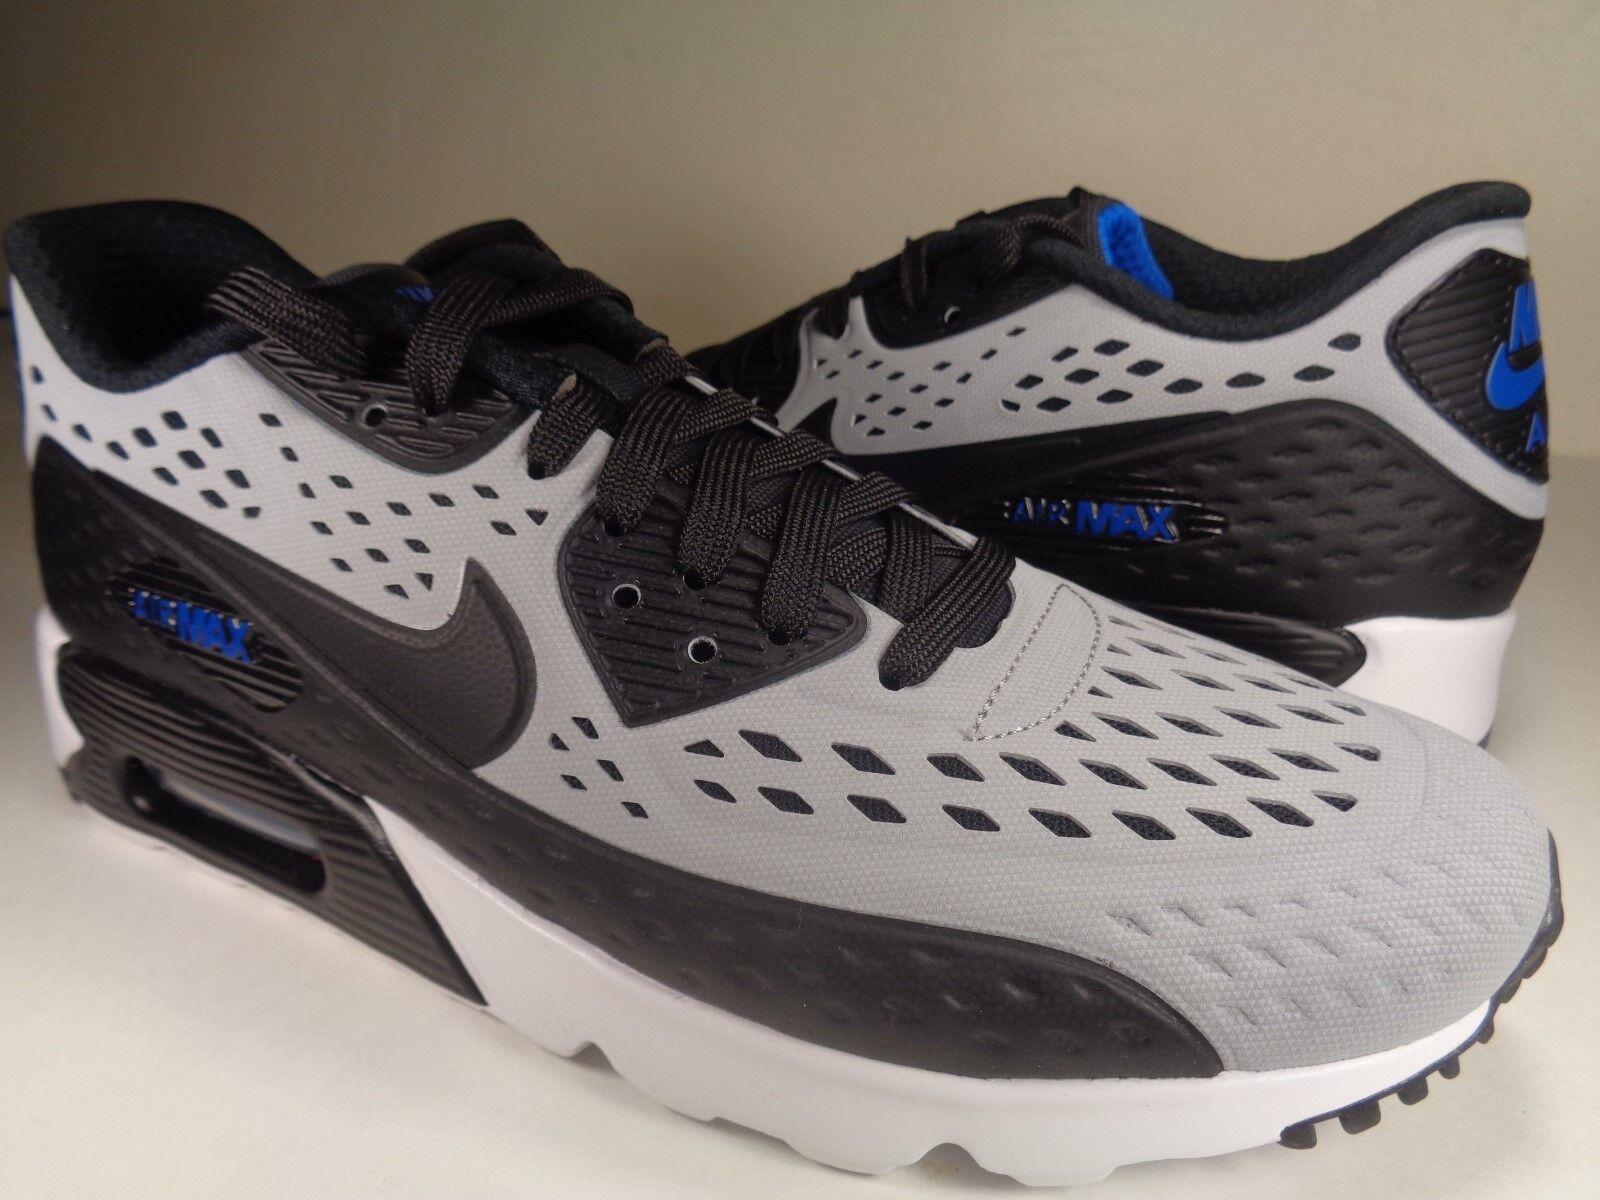 Nike air max 90 ultra - grigio bianco nero 9 blu molto raro sz 9 nero (725222-004) 582905